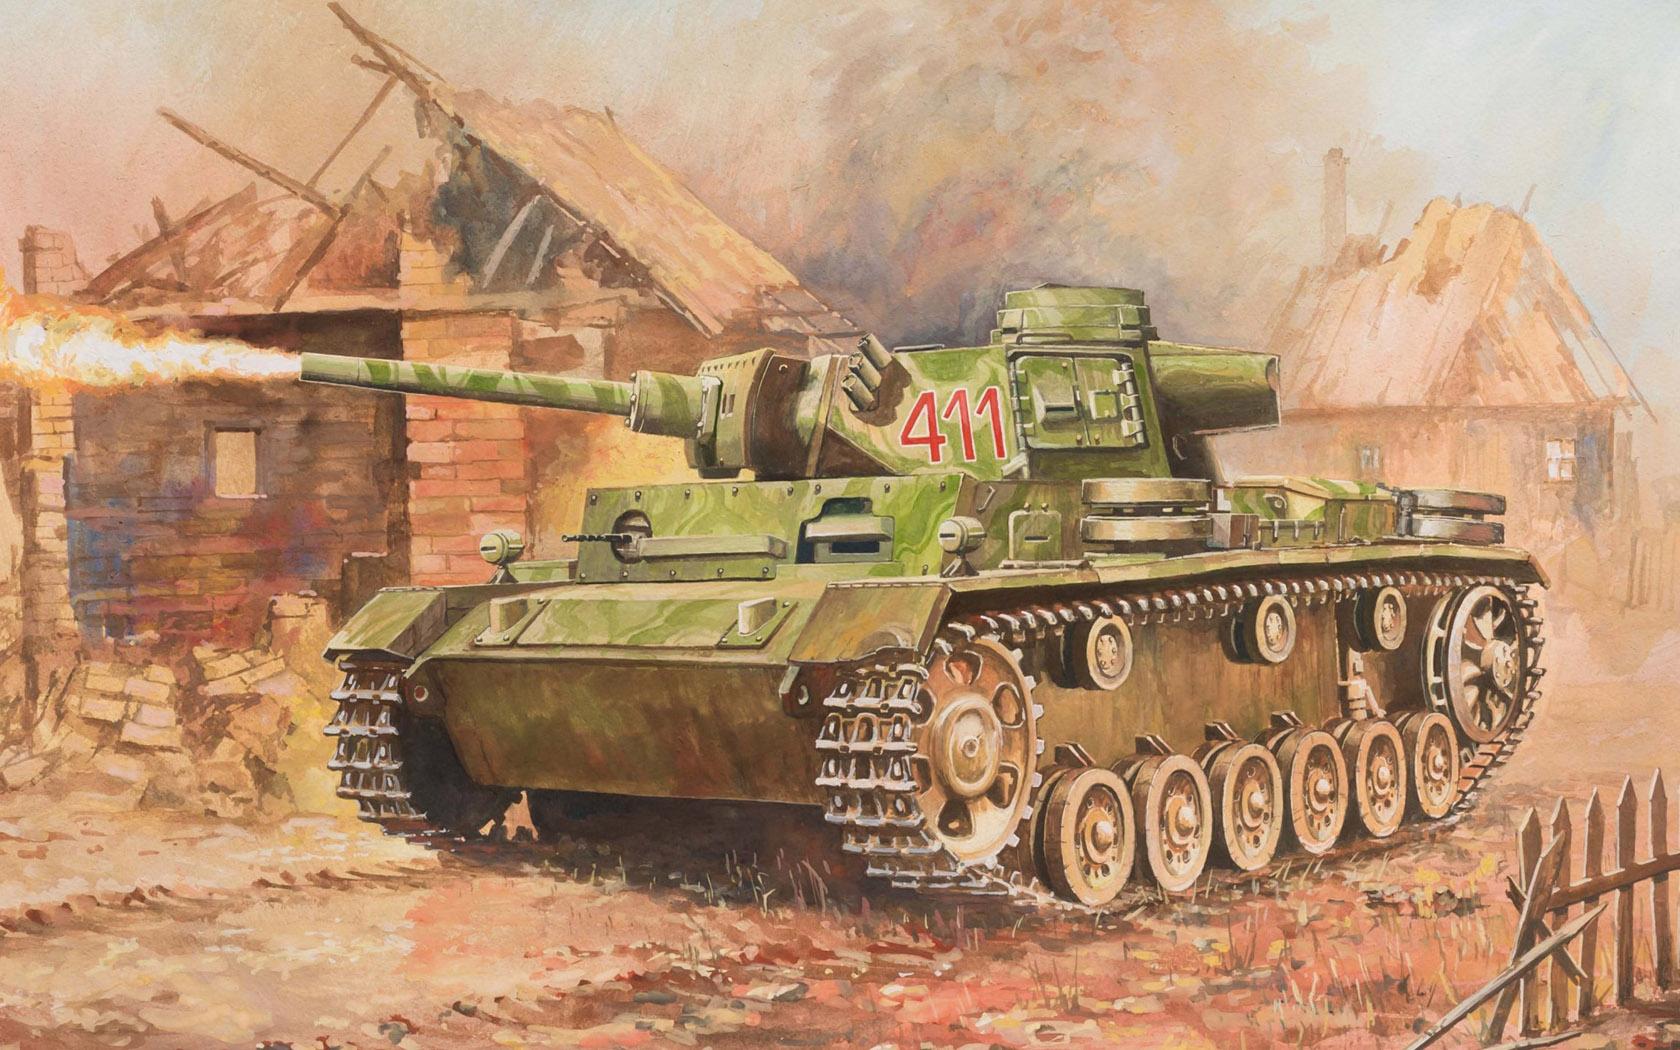 Дудчик Дмитрий. Огнеметный танк Flammpanzer III.